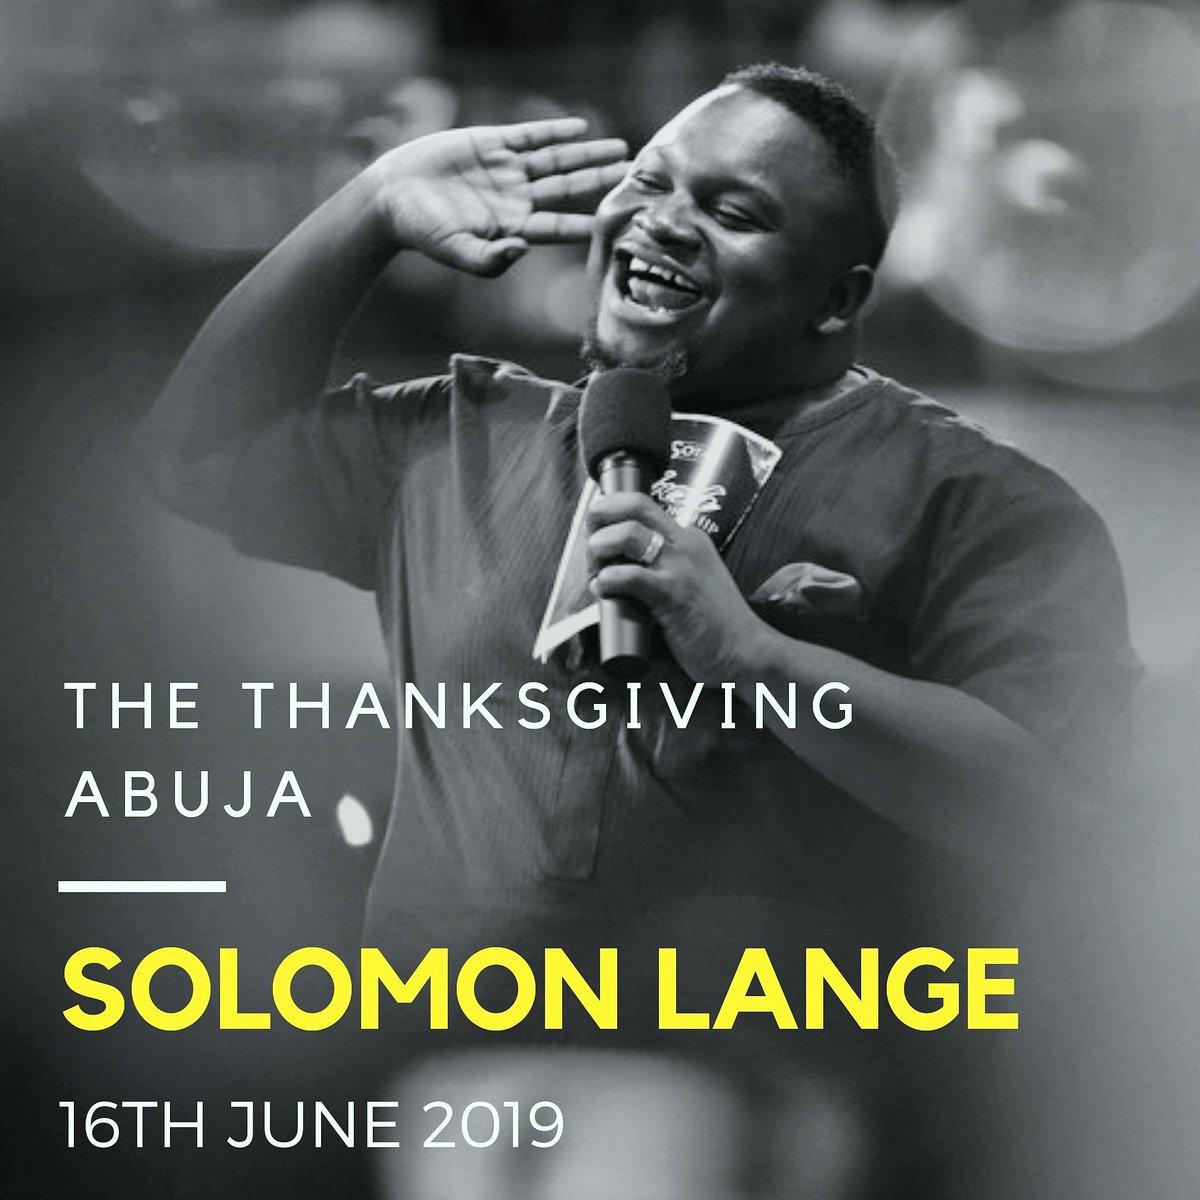 download solomon lange i see grace